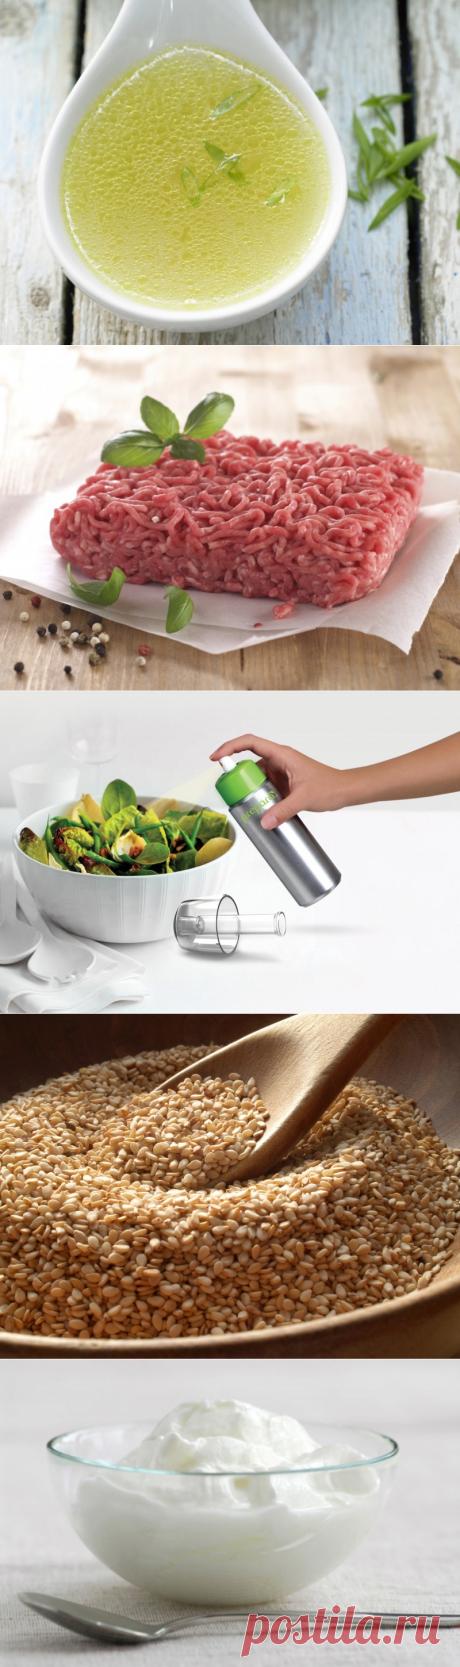 11 кухонных хитростей, которые помогут сделать пищу полезнее — Полезные советы